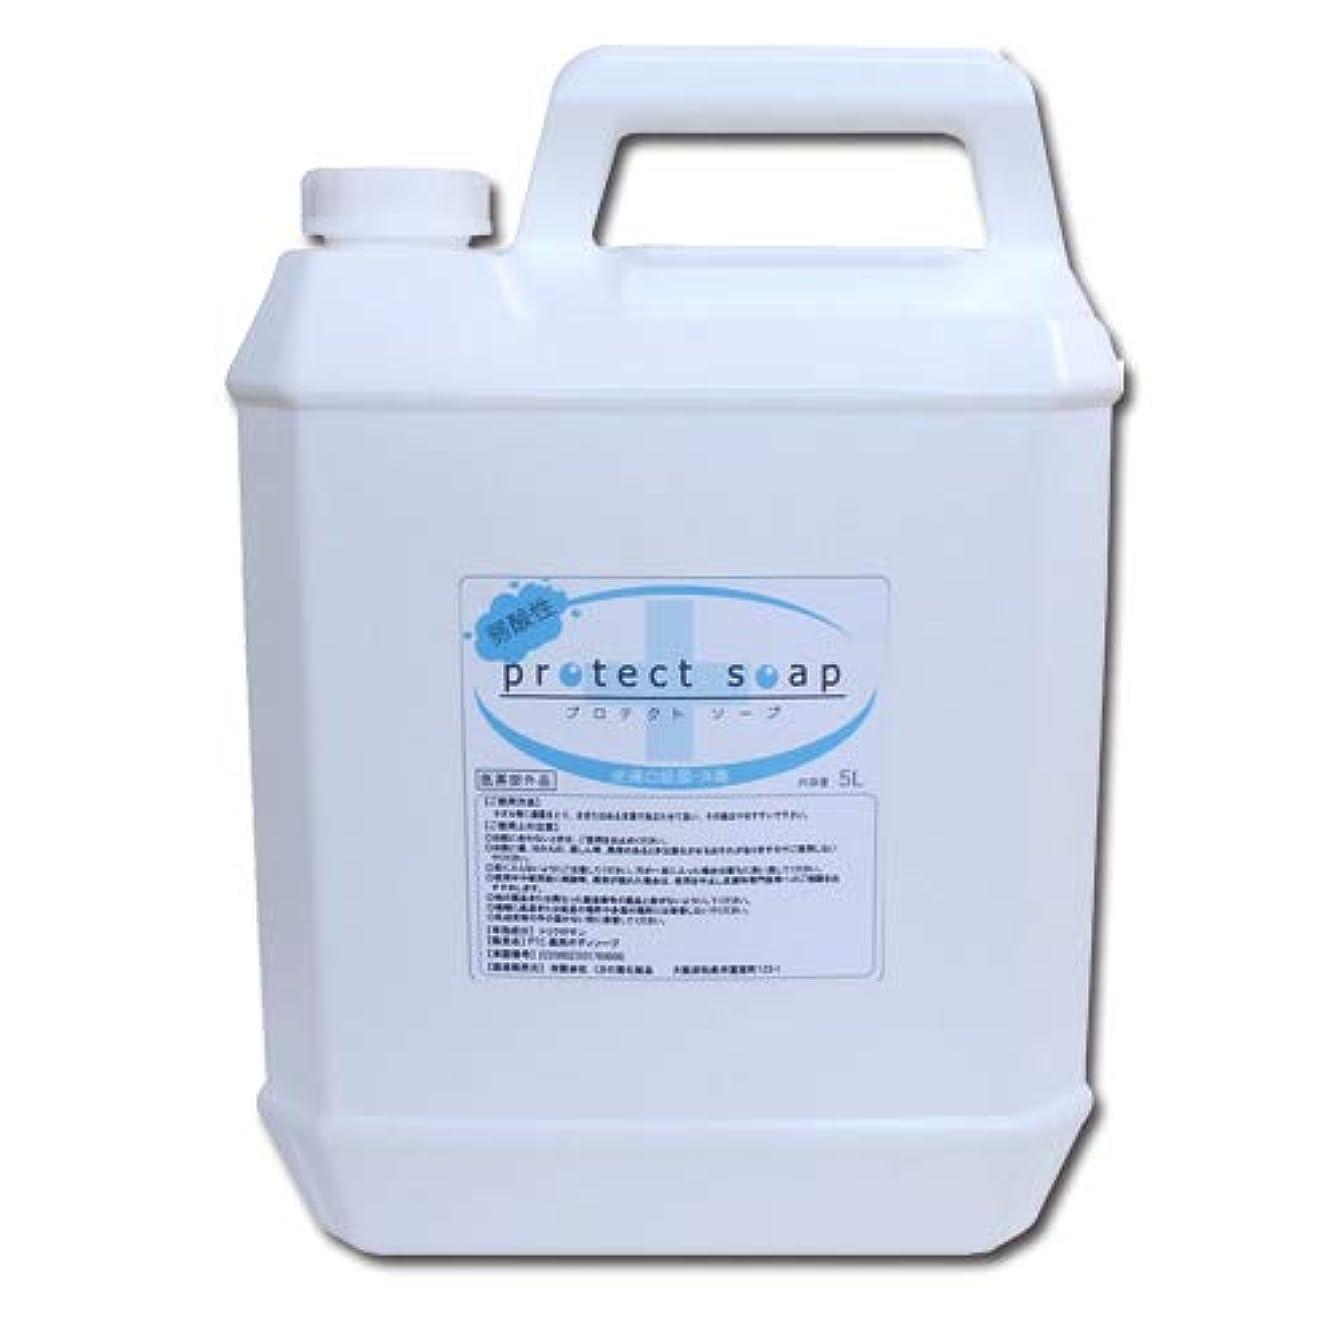 方向良心的好色な低刺激弱酸性 液体石鹸 プロテクトソープ 5L 業務用│せっけん液 液体せっけん 殺菌?消毒 インフルエンザ?ノロウィルス対策